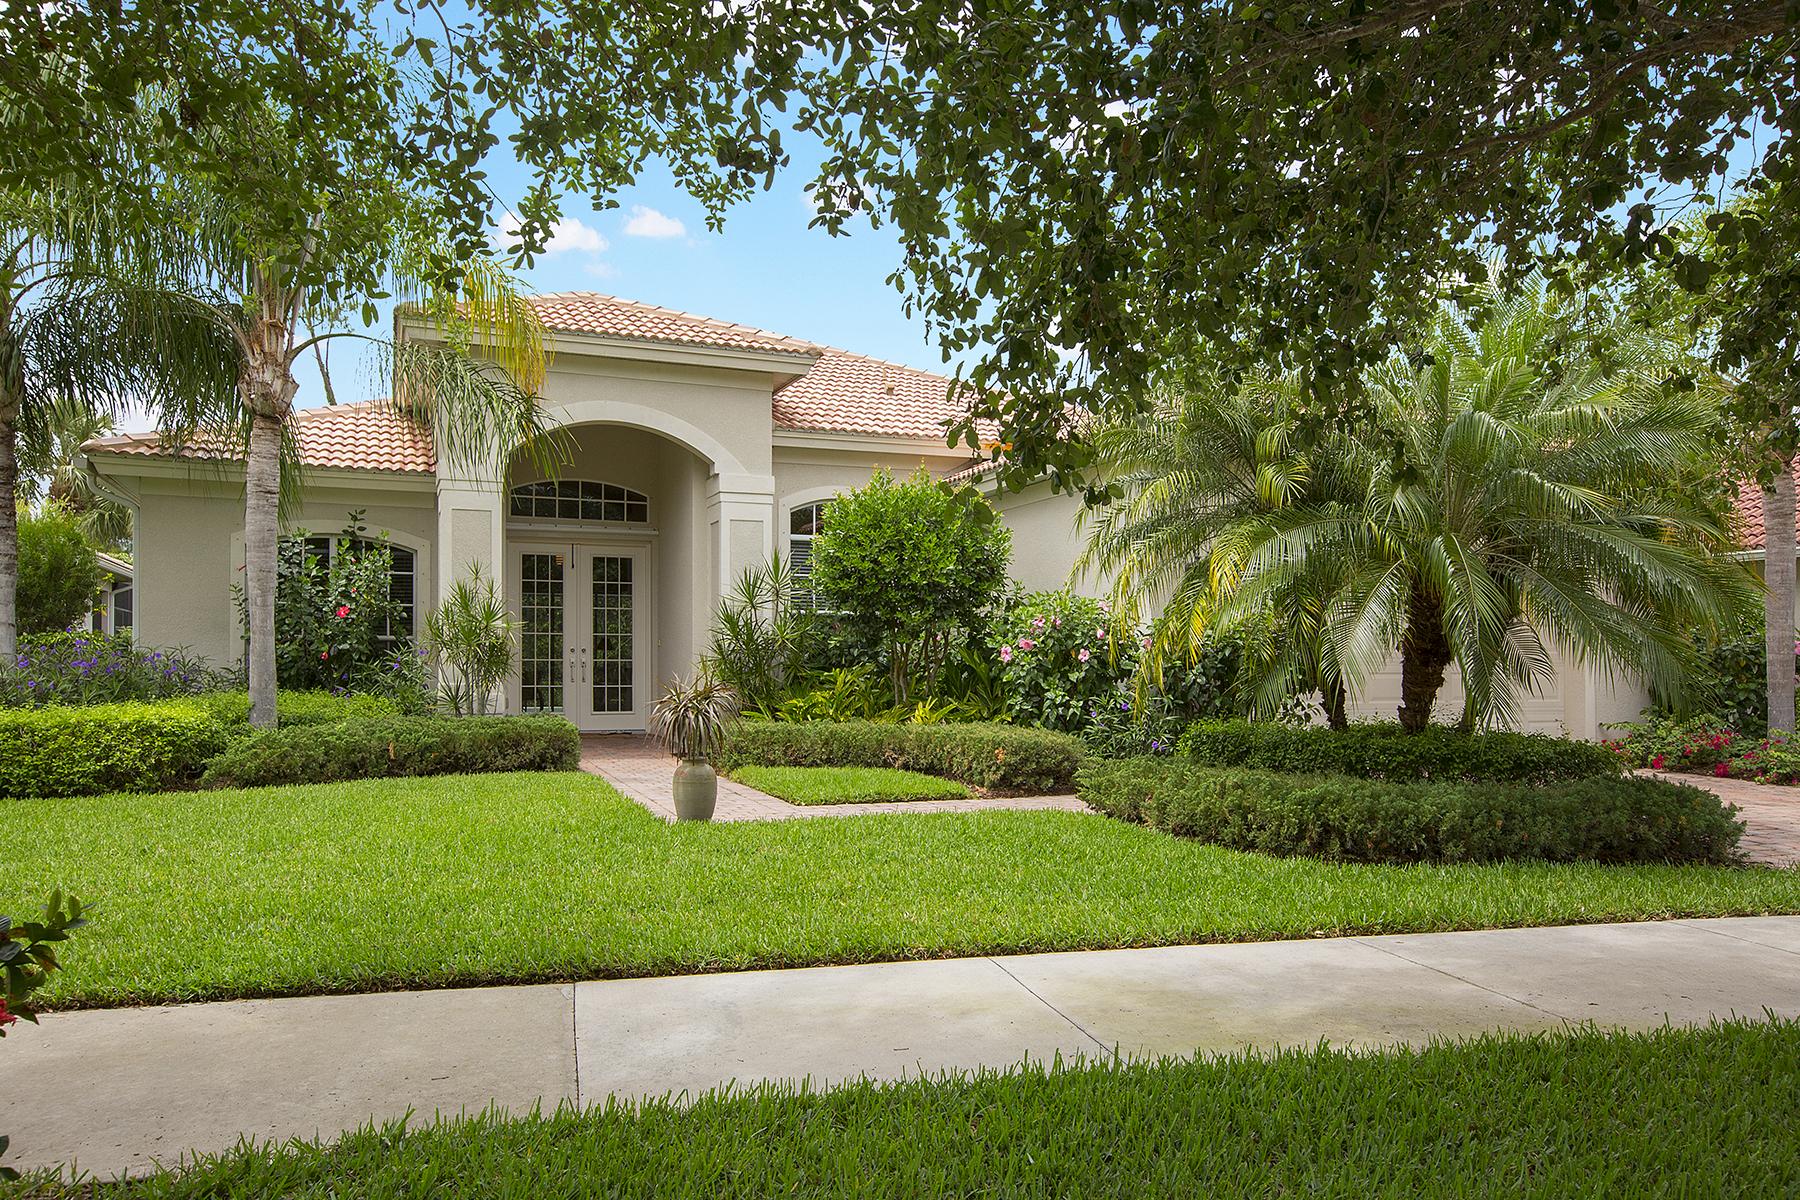 Casa Unifamiliar por un Venta en LELY RESORT 8924 Mustang Island Cir Naples, Florida, 34113 Estados Unidos